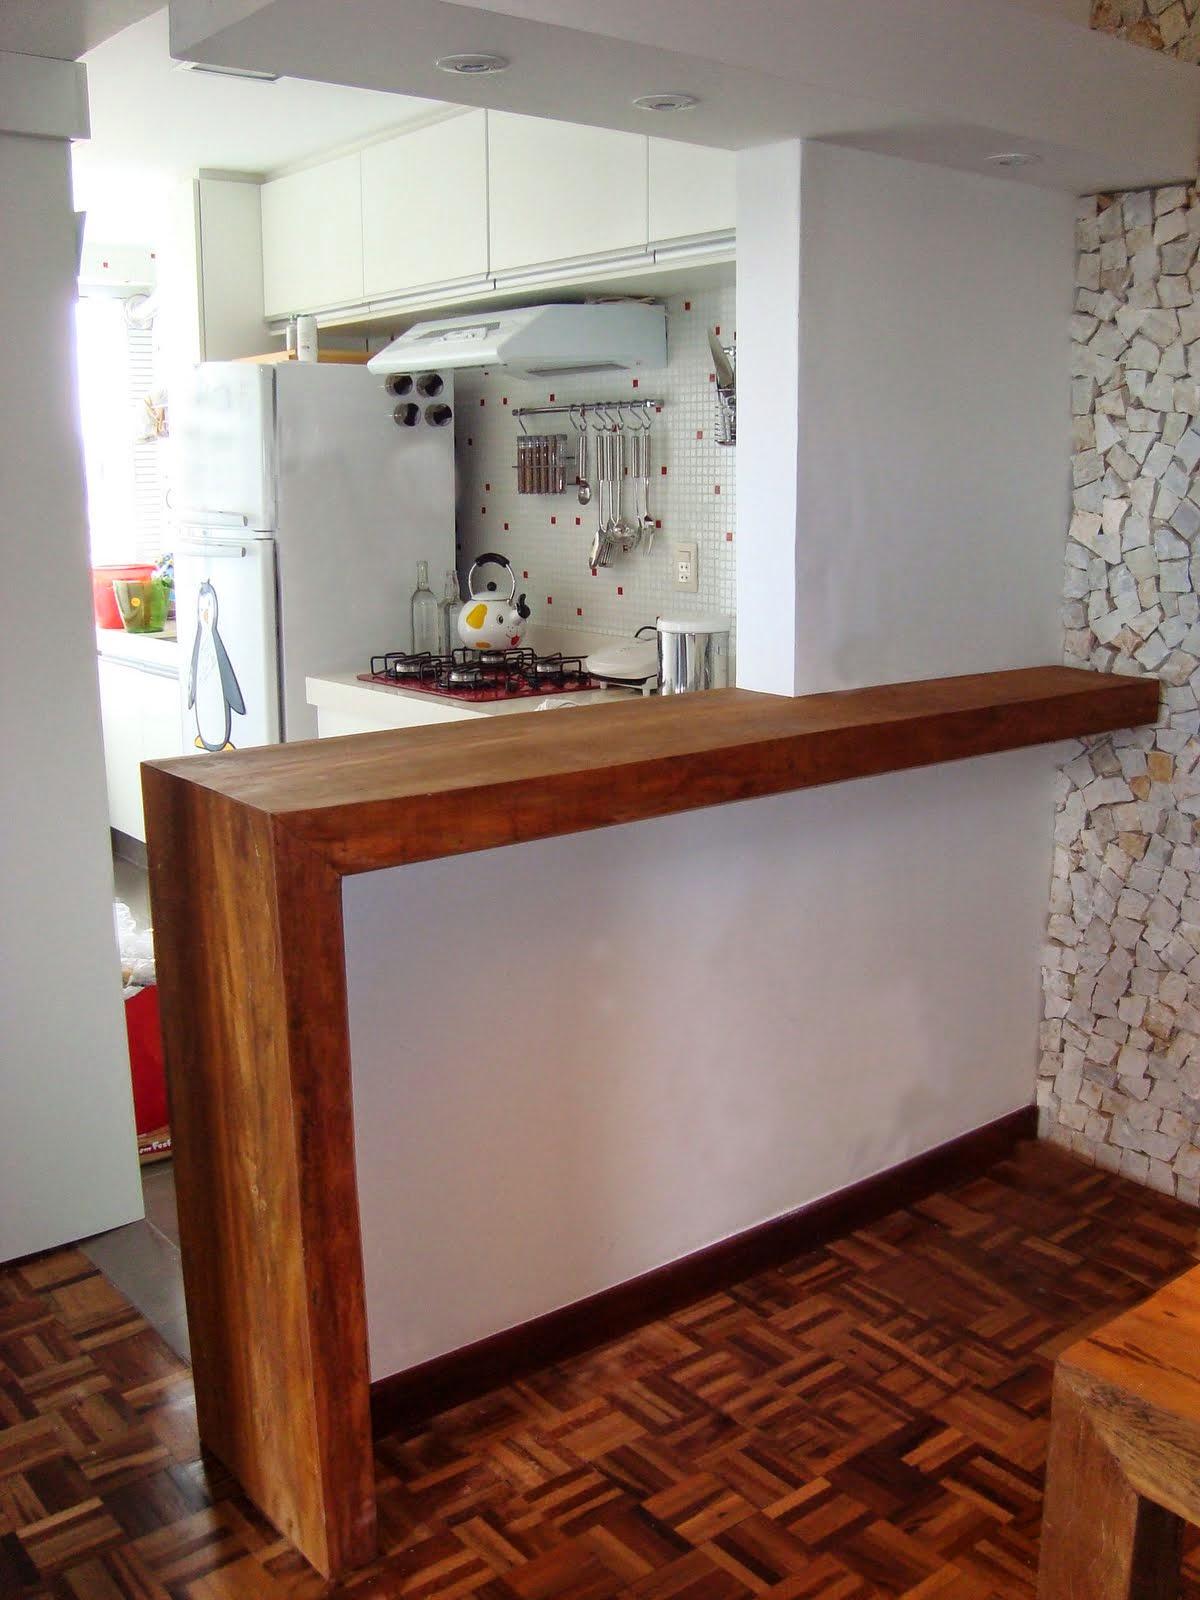 Idéias de Decoração Balcão de Cozinhas X Casas Apartamentos  #B34E13 1200 1600